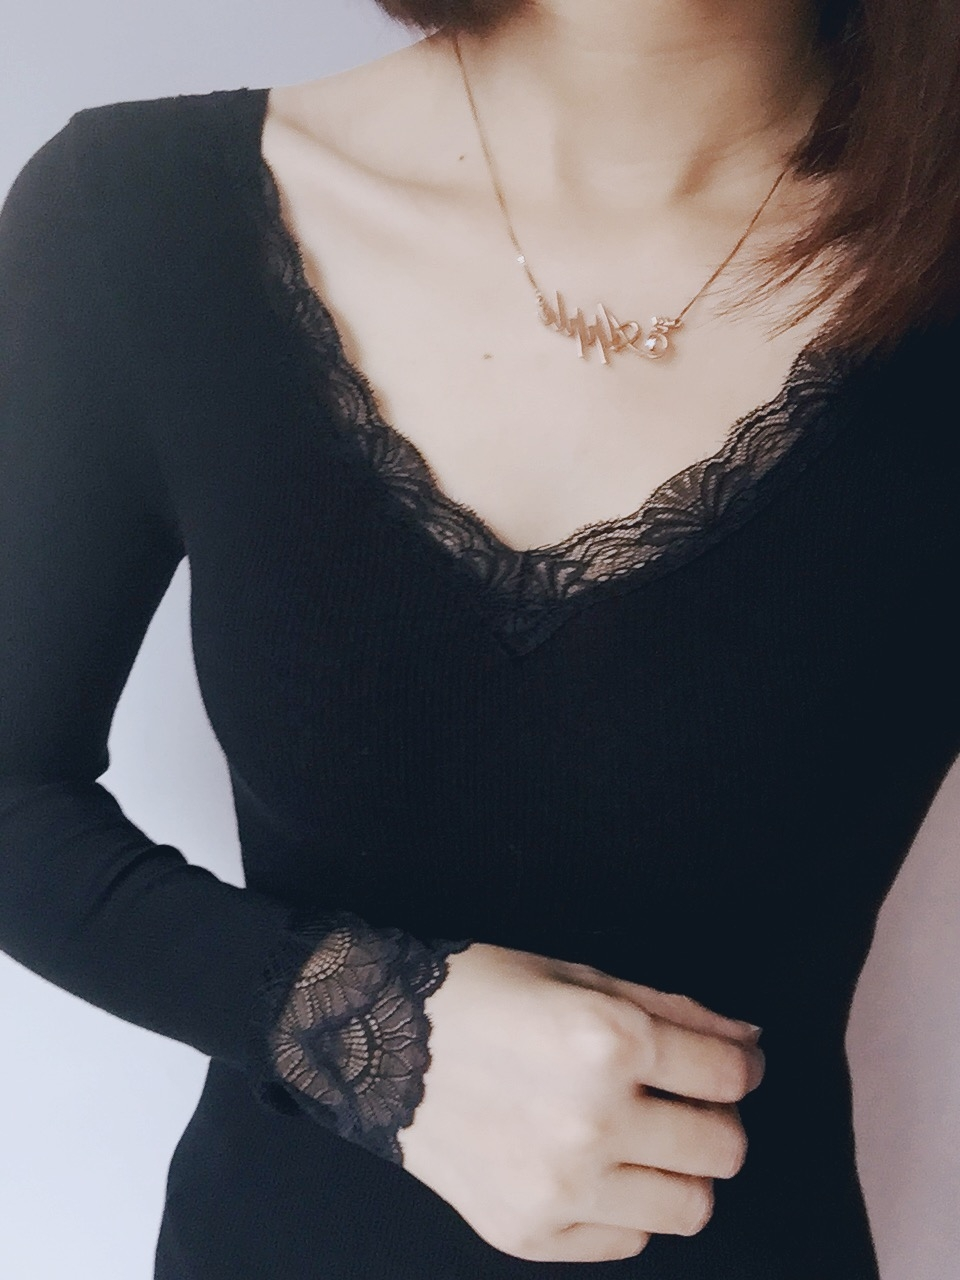 保暖内衣女双面低领超蕾丝内搭长袖薄款上衣单件修身打底秋衣